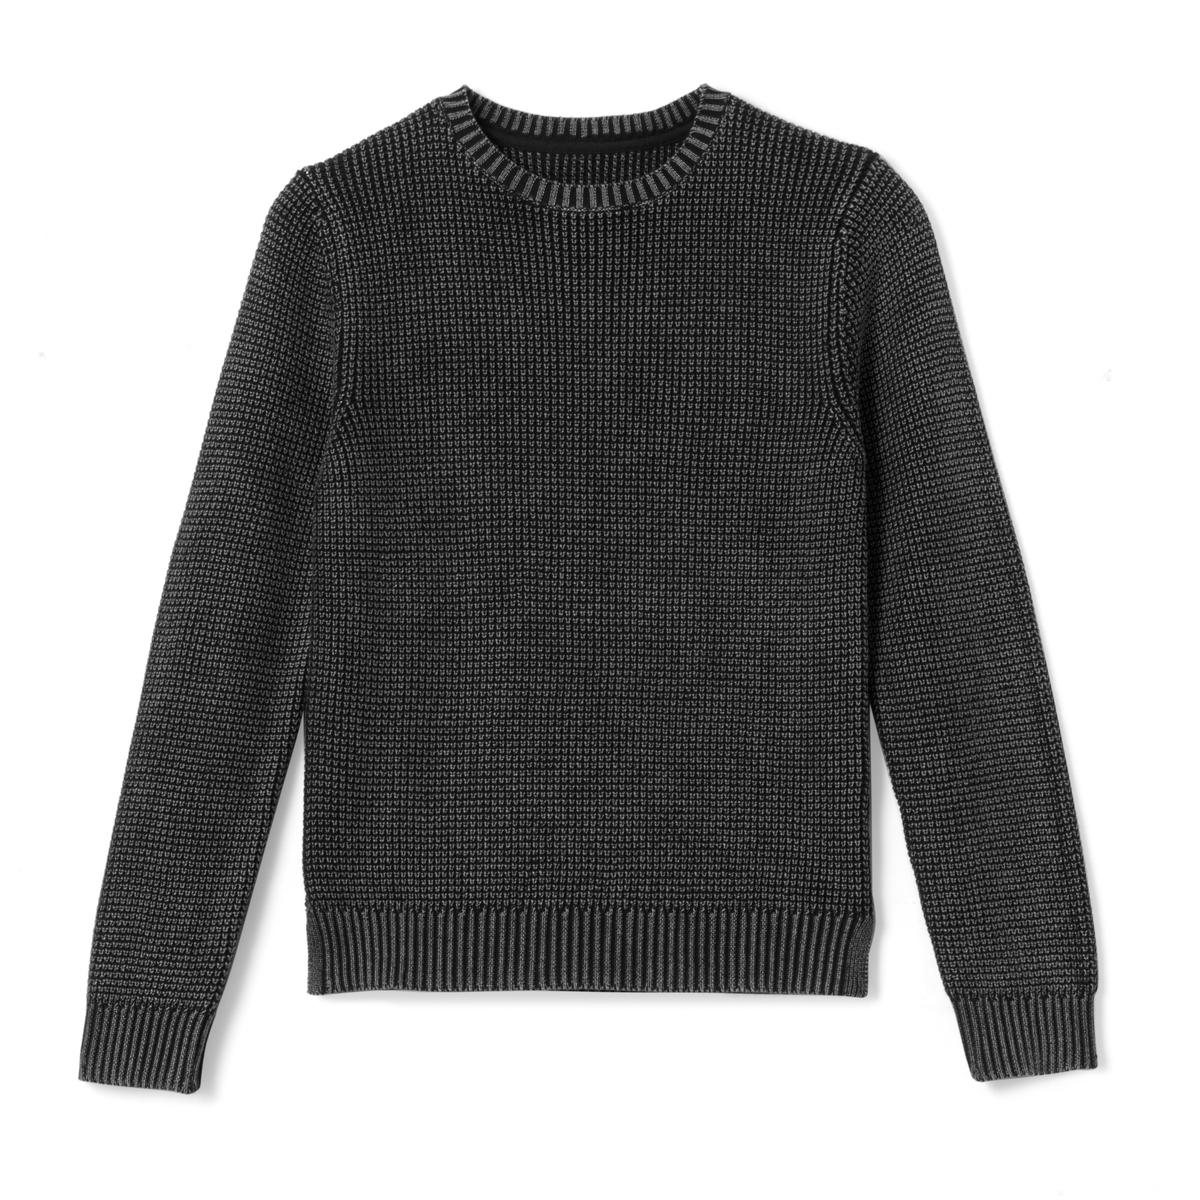 Пуловер с круглым вырезом из тонкого трикотажа 10-16 лет